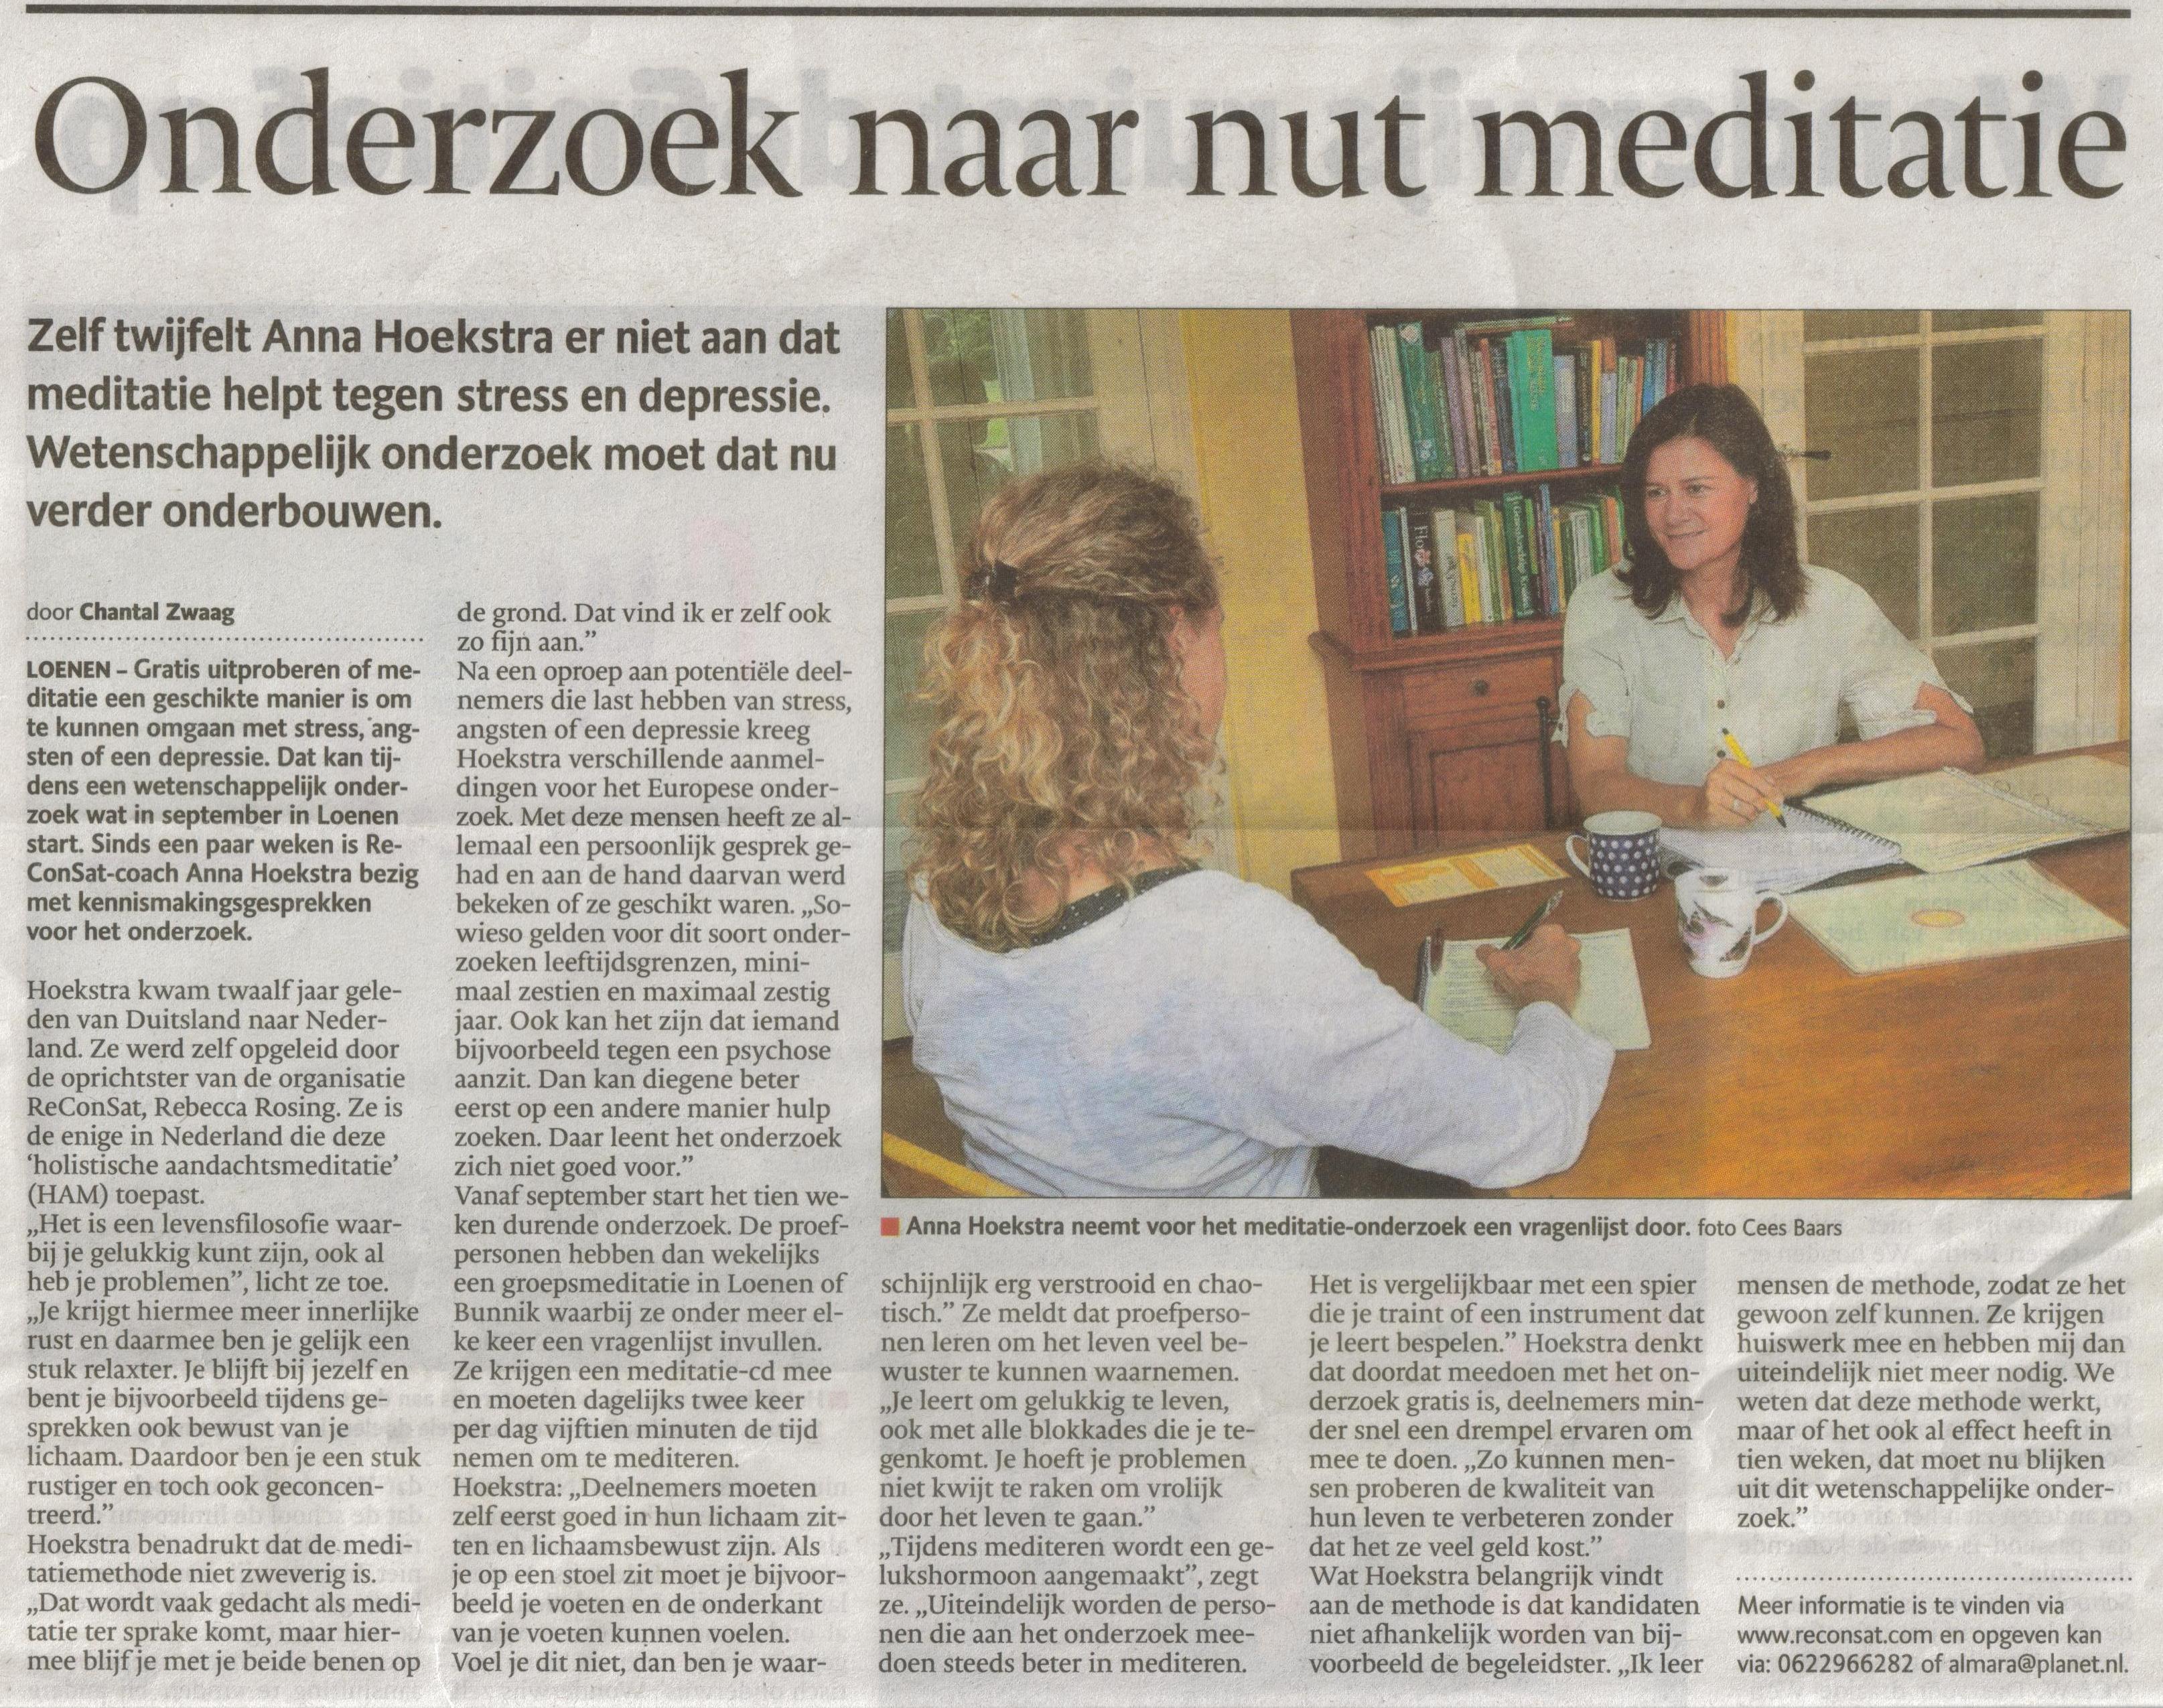 7- voorverhaal meditatie- bijzondere productie-publicatiedatum 25 juli 2013